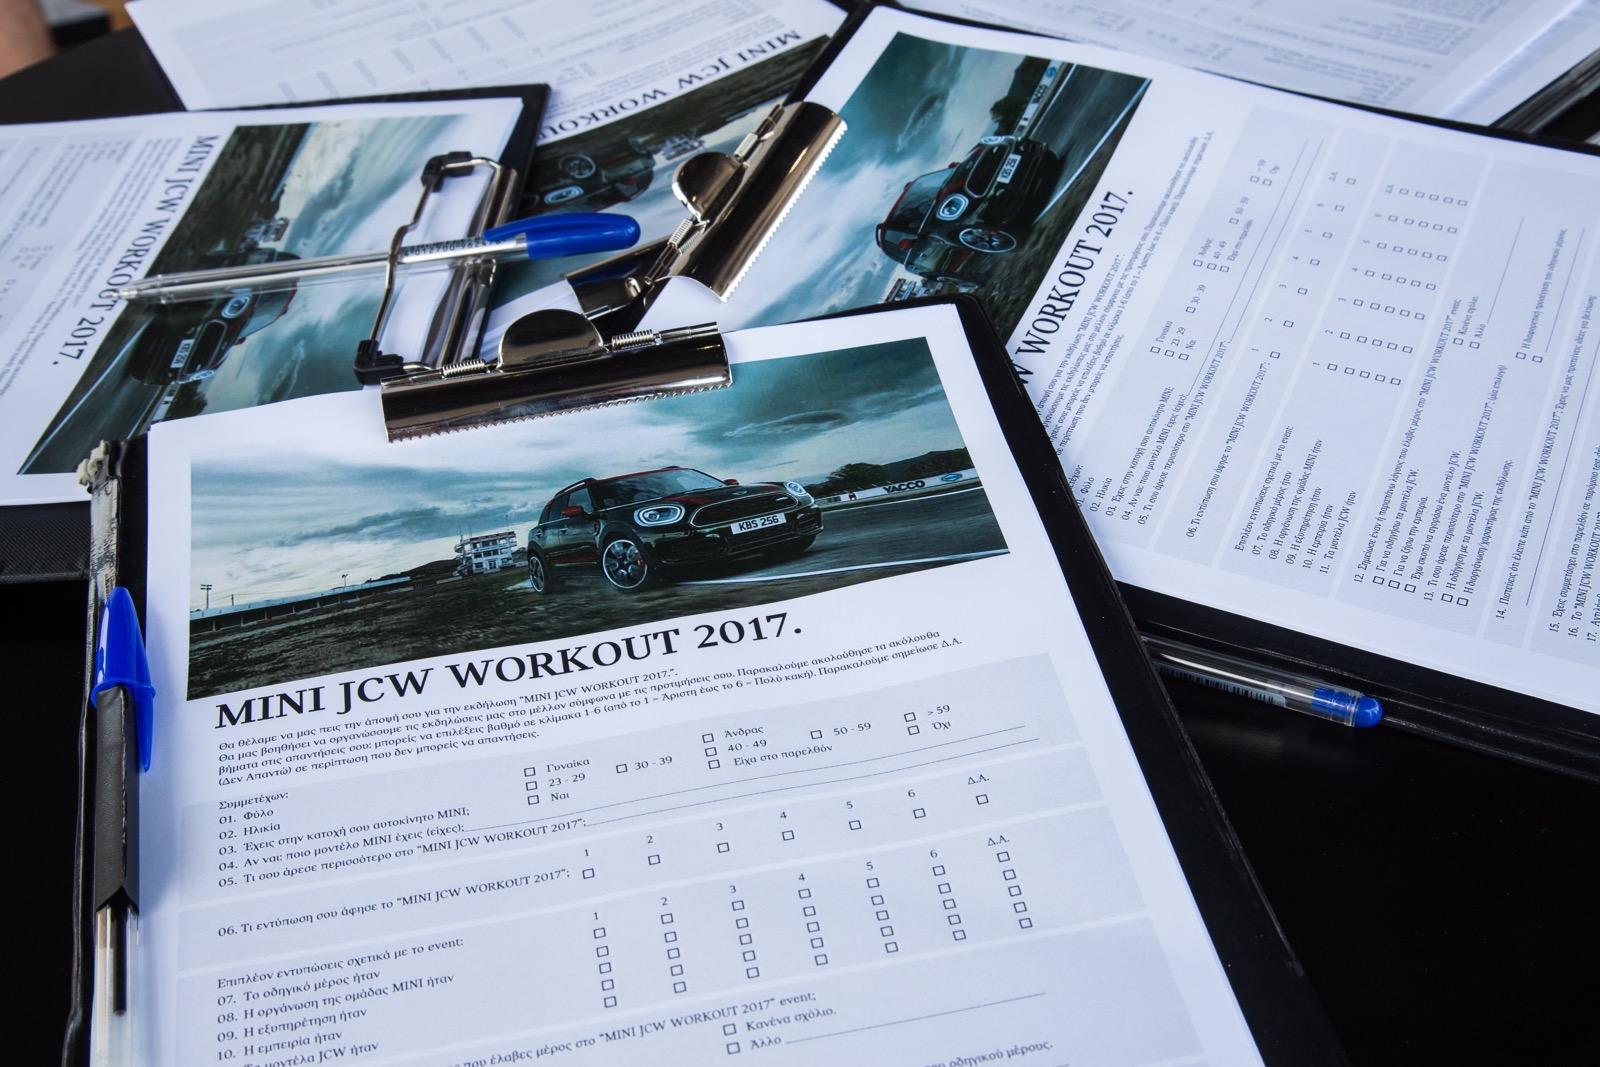 Mini_JCW_Workout_12